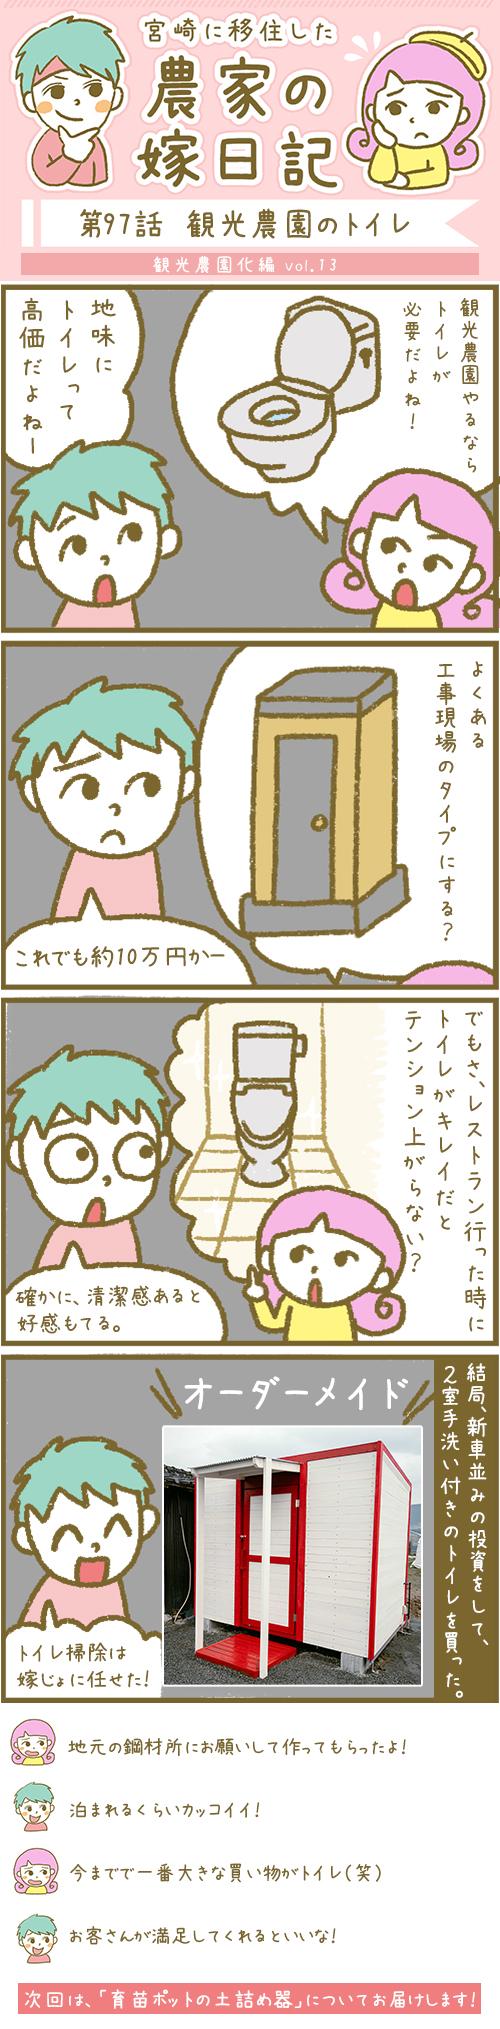 漫画第97話